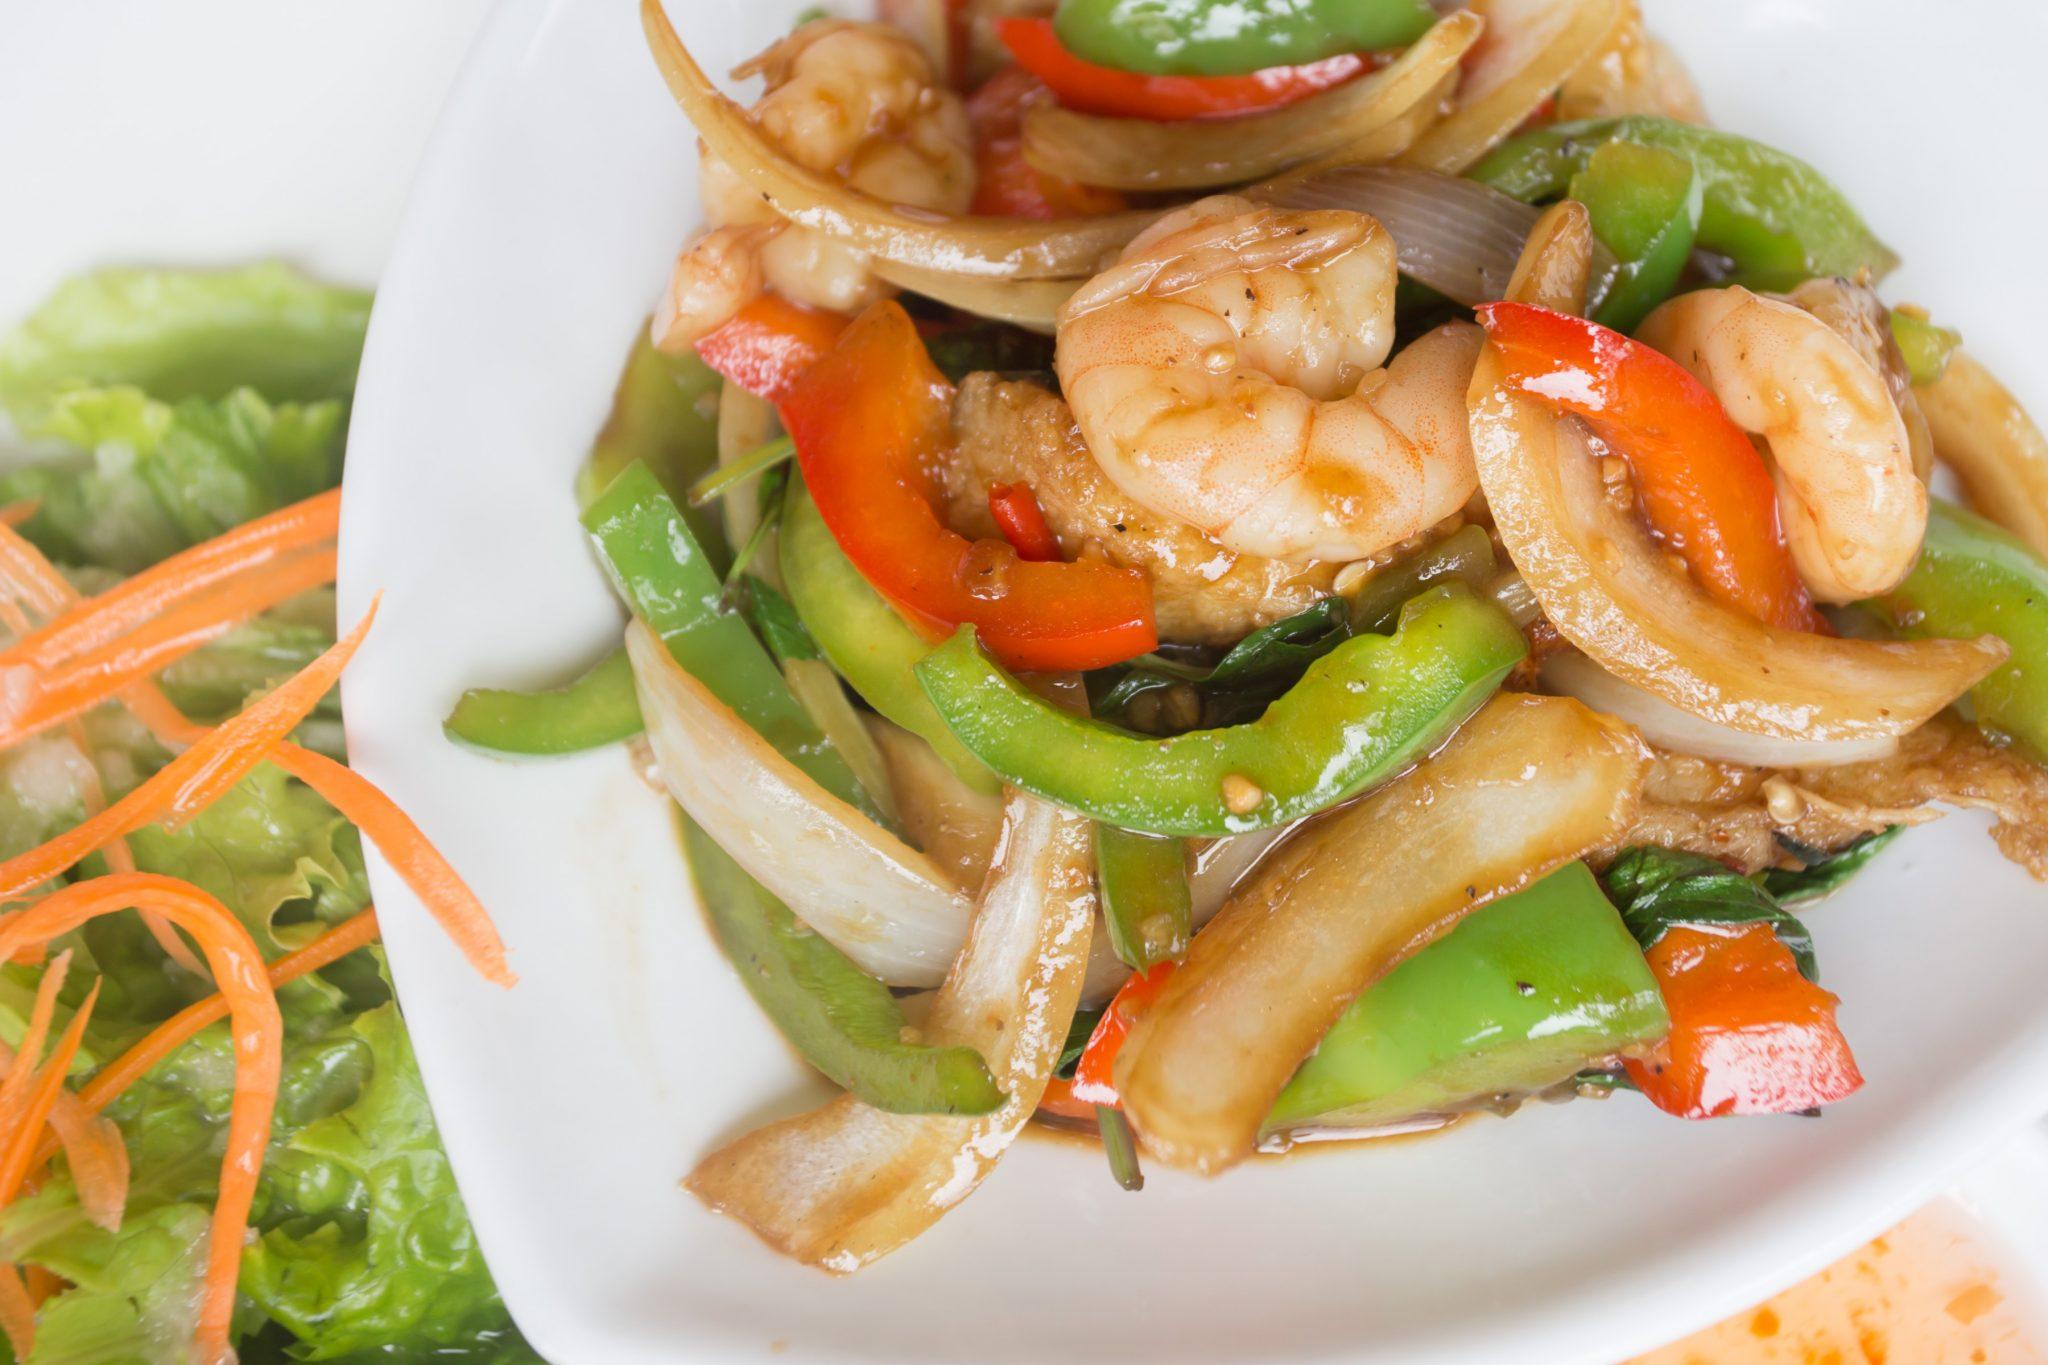 Thai food plate